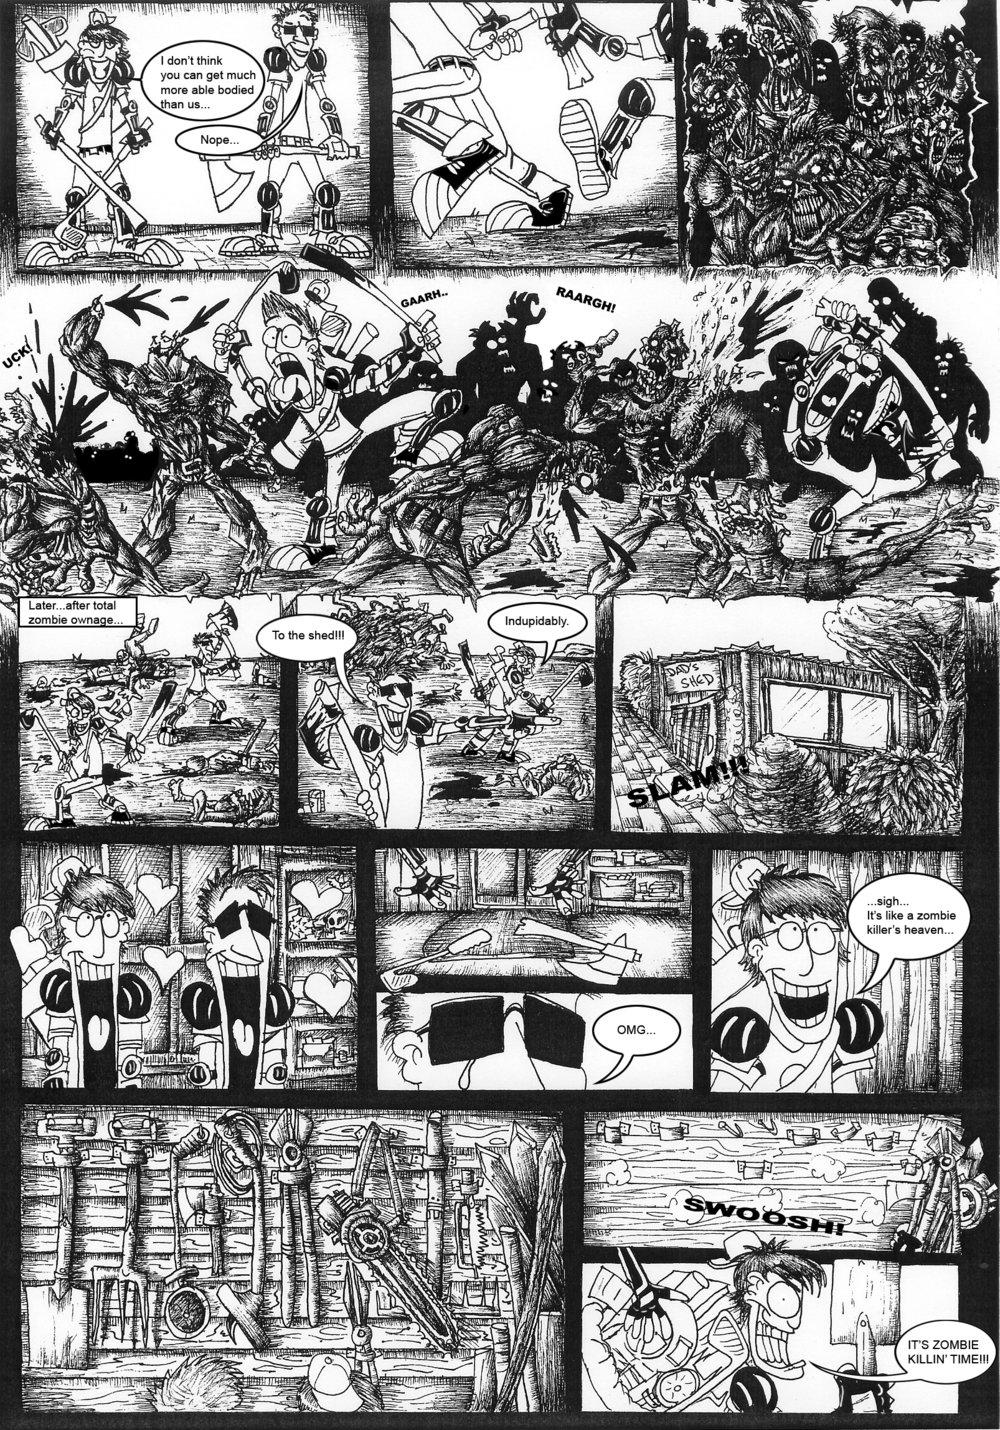 austen_of_the_dead_comic_pg_3_by_lordnetsua-dz2il4.jpg